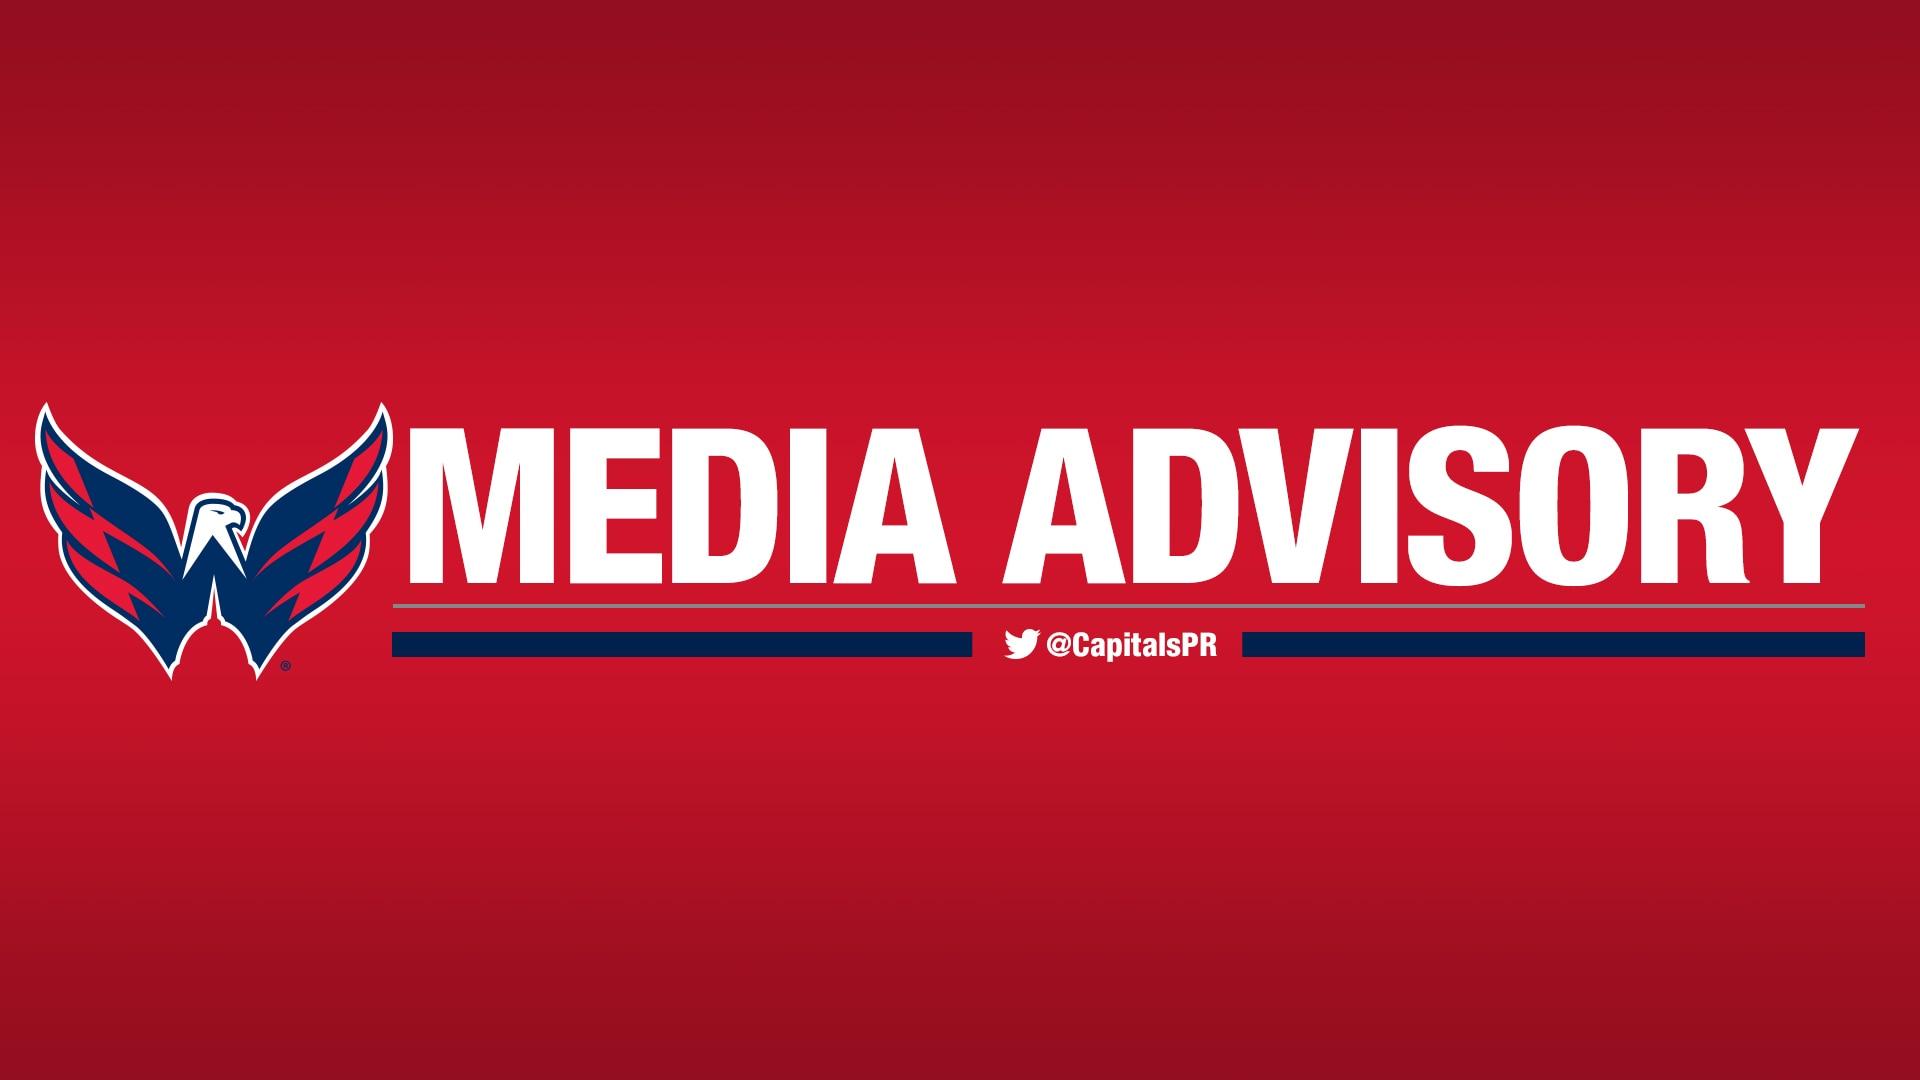 Mediaadvisory-bloghdr